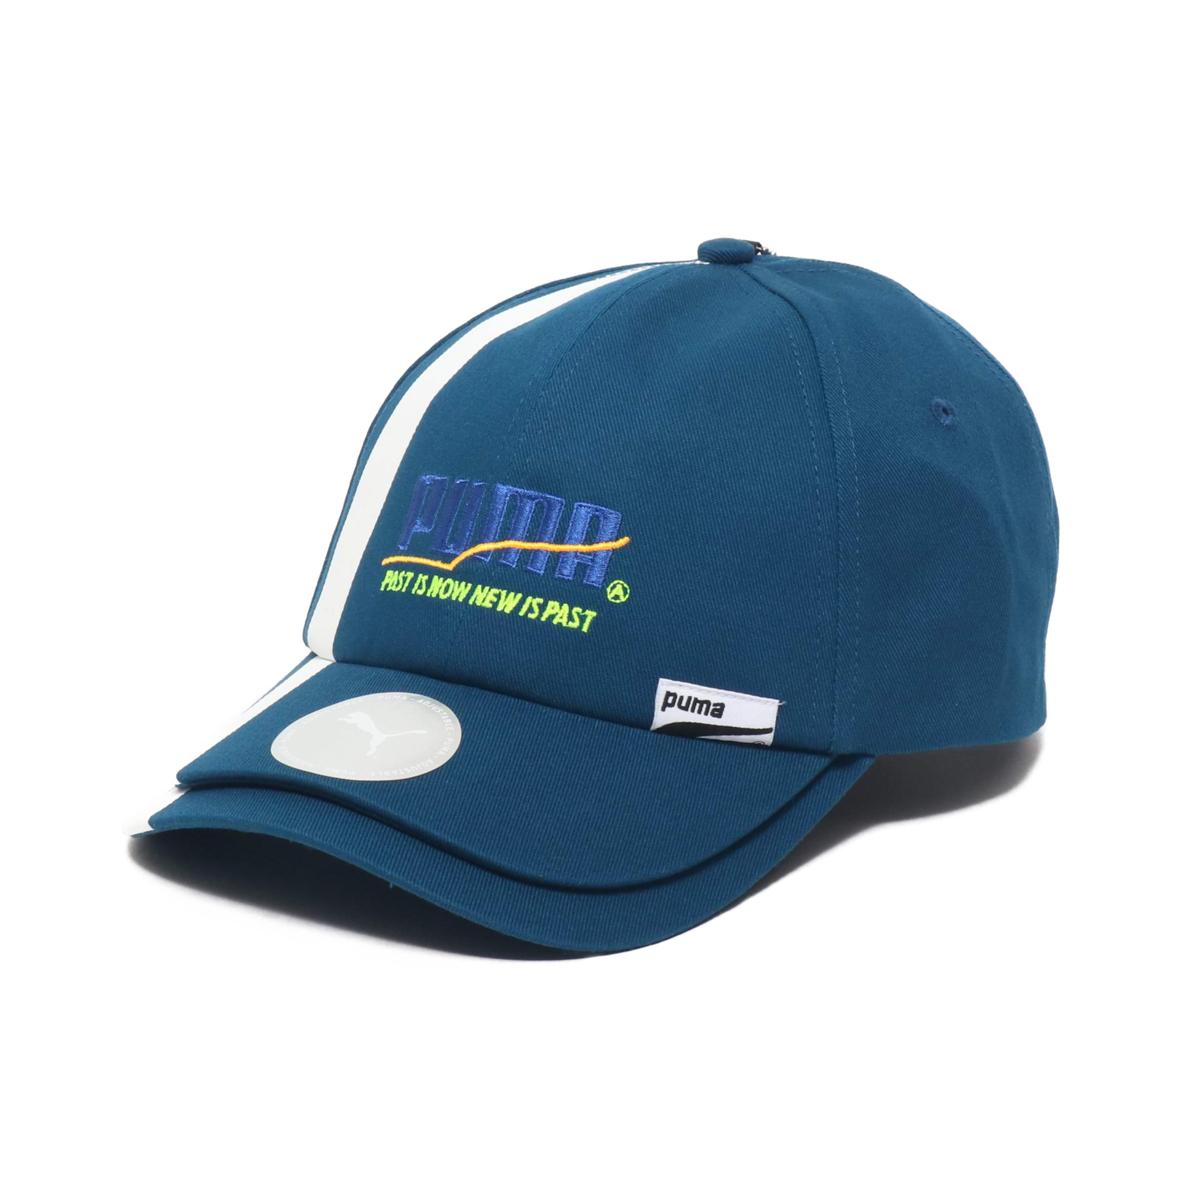 PUMA X ADER ERROR CAP(プーマ X アーダーエラー キャップ)GIBRALTAR SEA【メンズ レディース キャップ】19FA-S